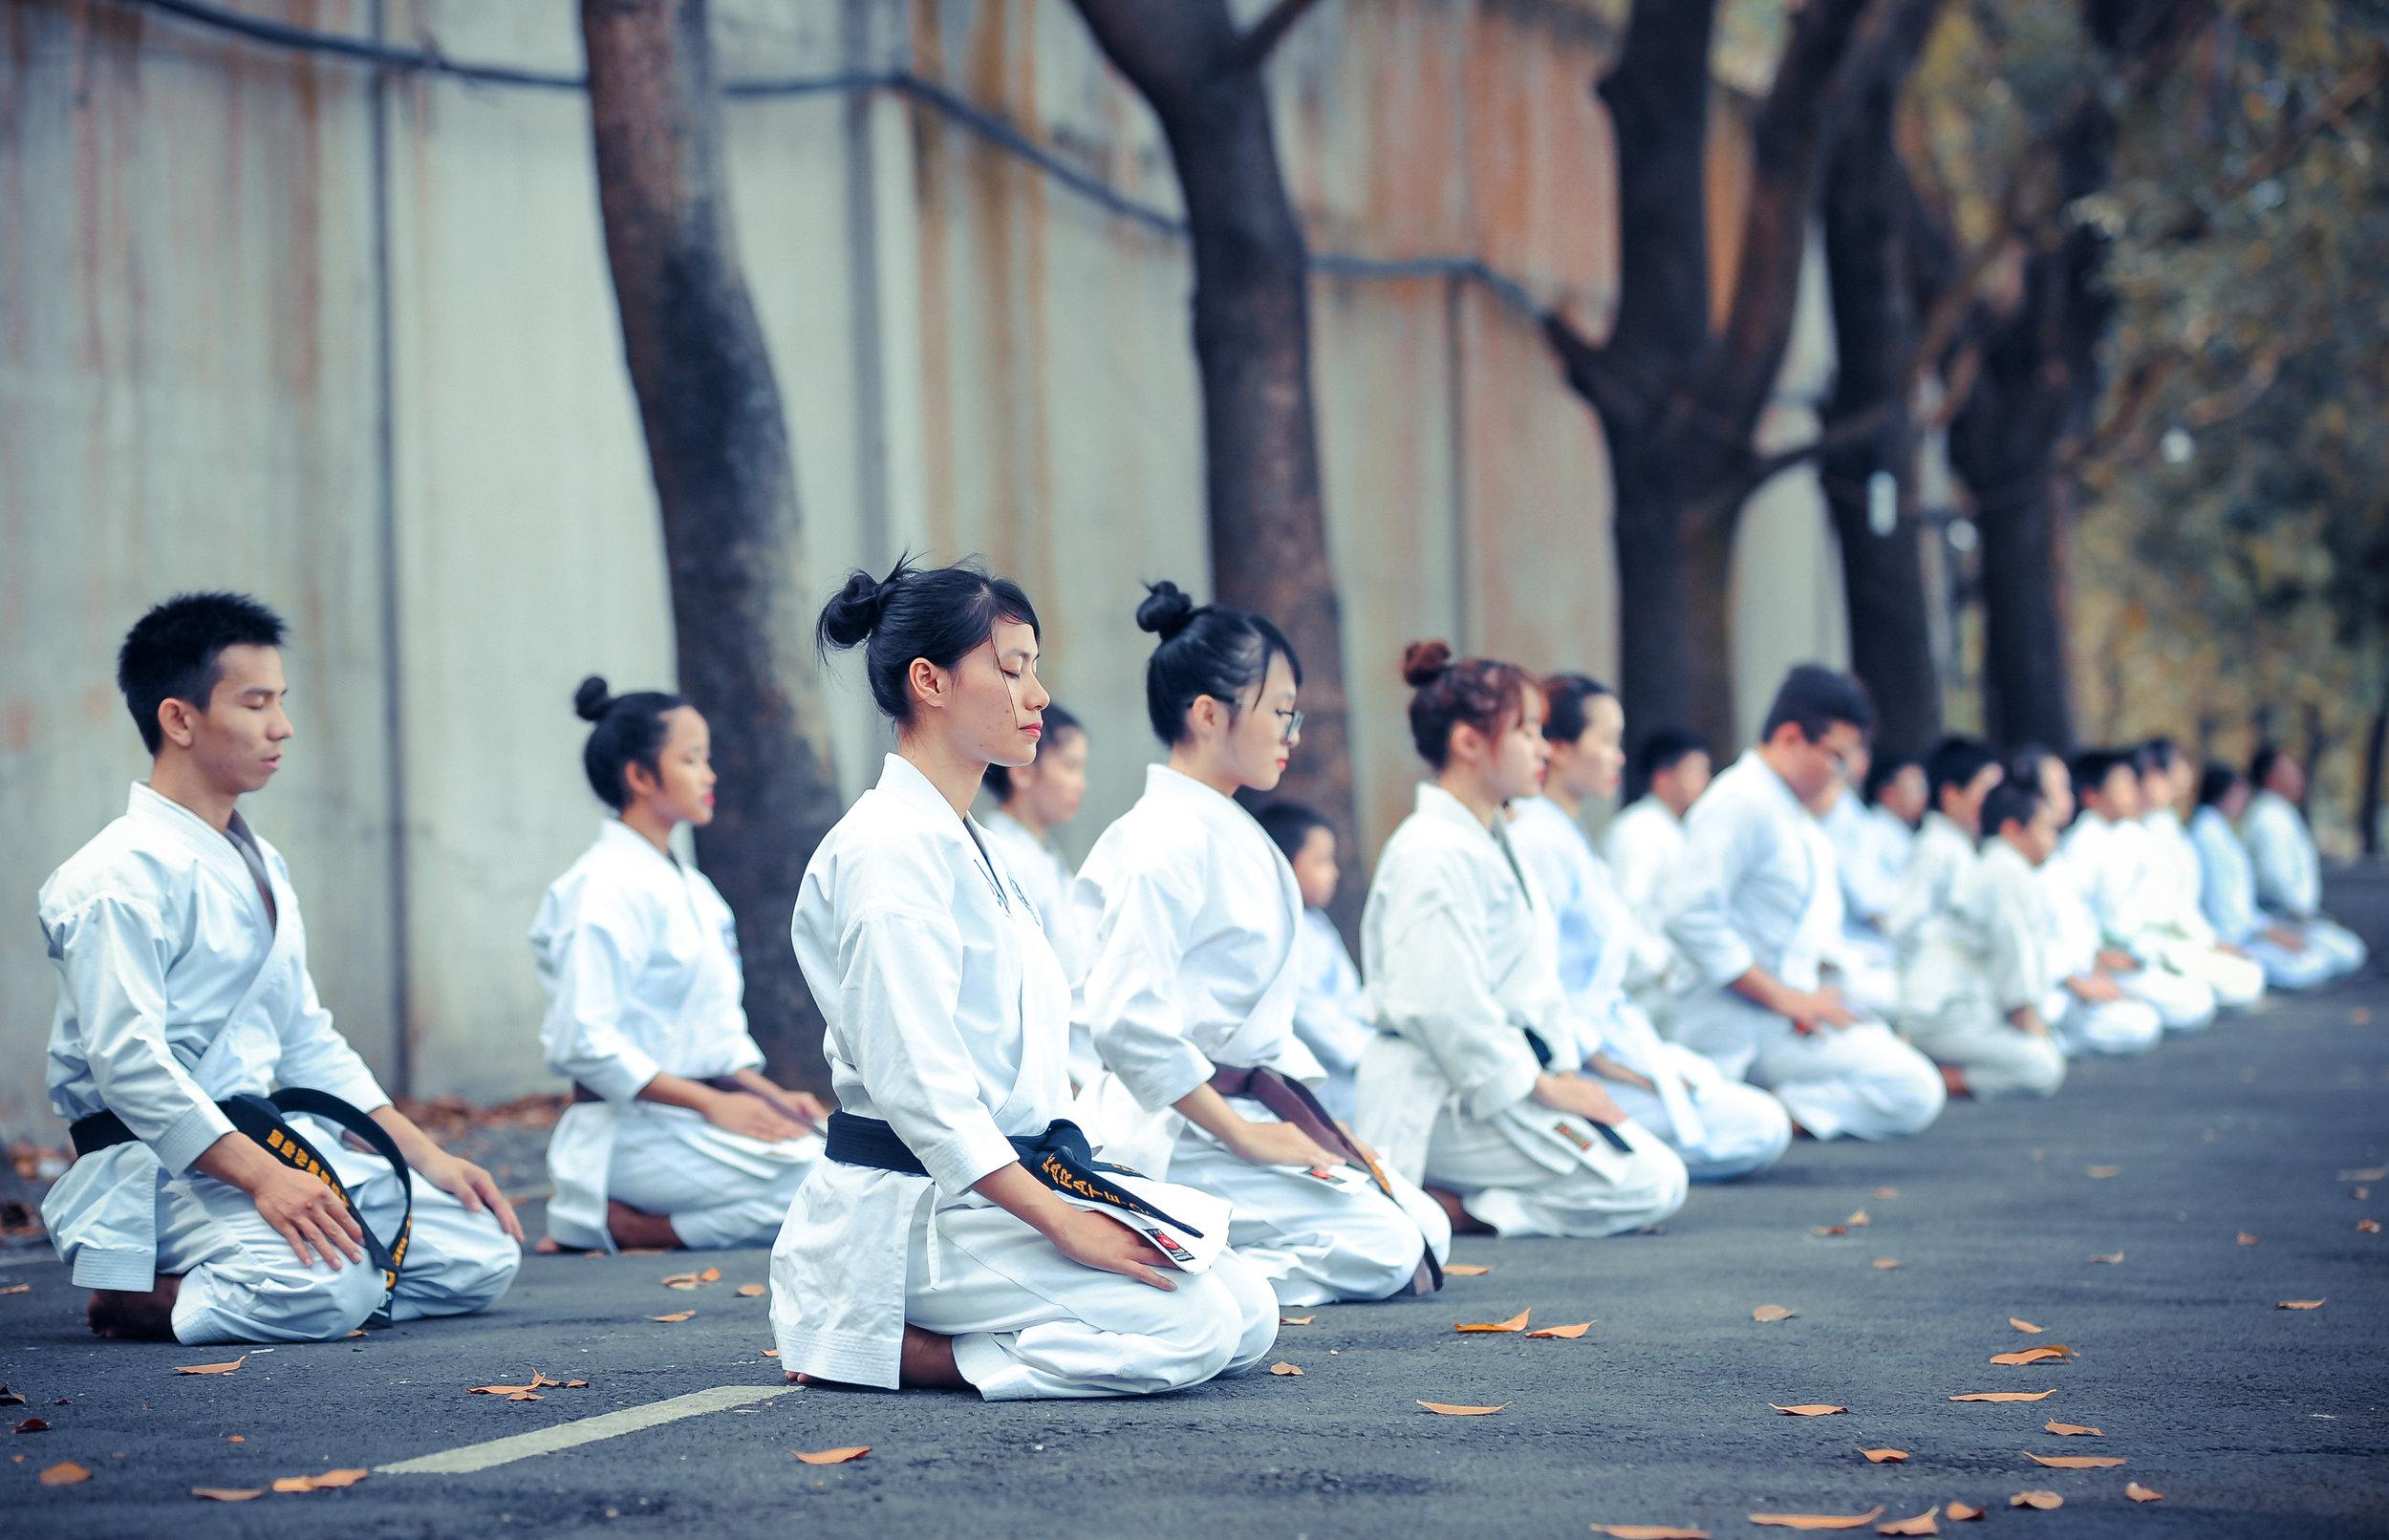 discipline-Disziplin-Erfolg-success-strength-Stärke-Karate